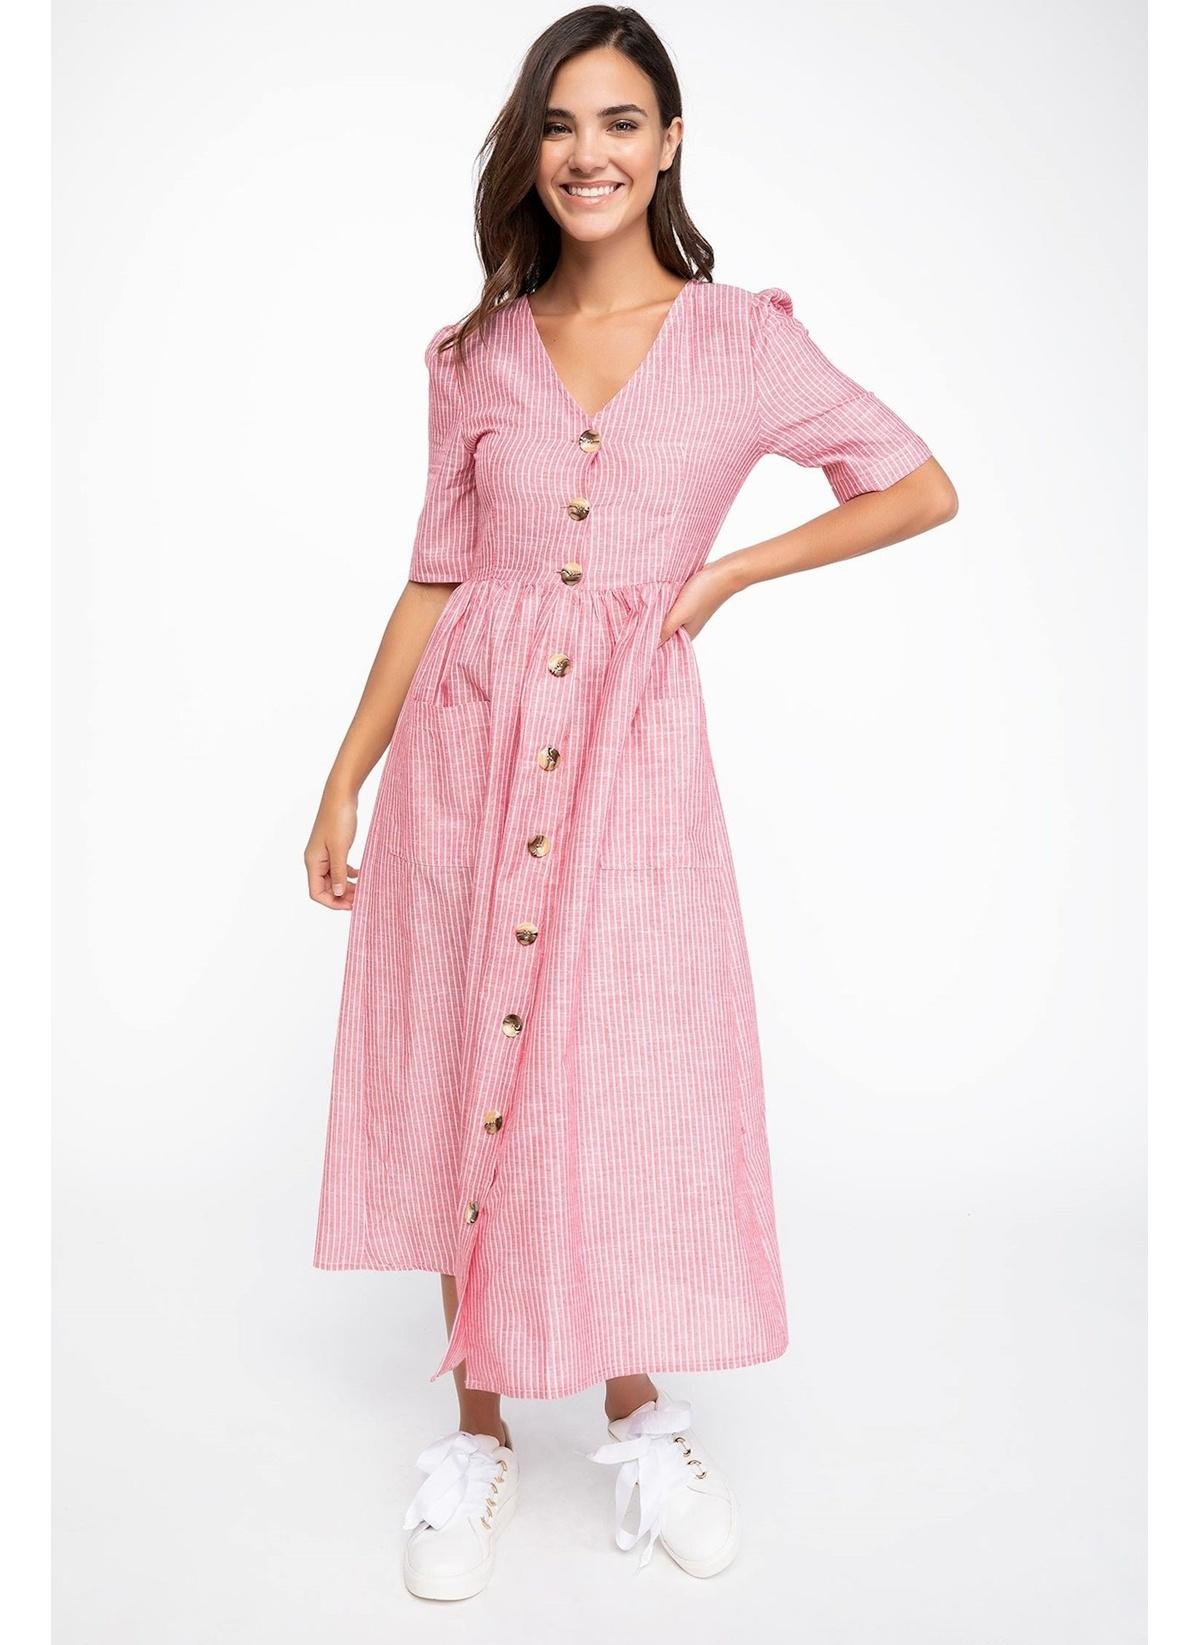 Defacto Çizgili Gömlek Elbise K0661az18aupn368elbise – 89.99 TL